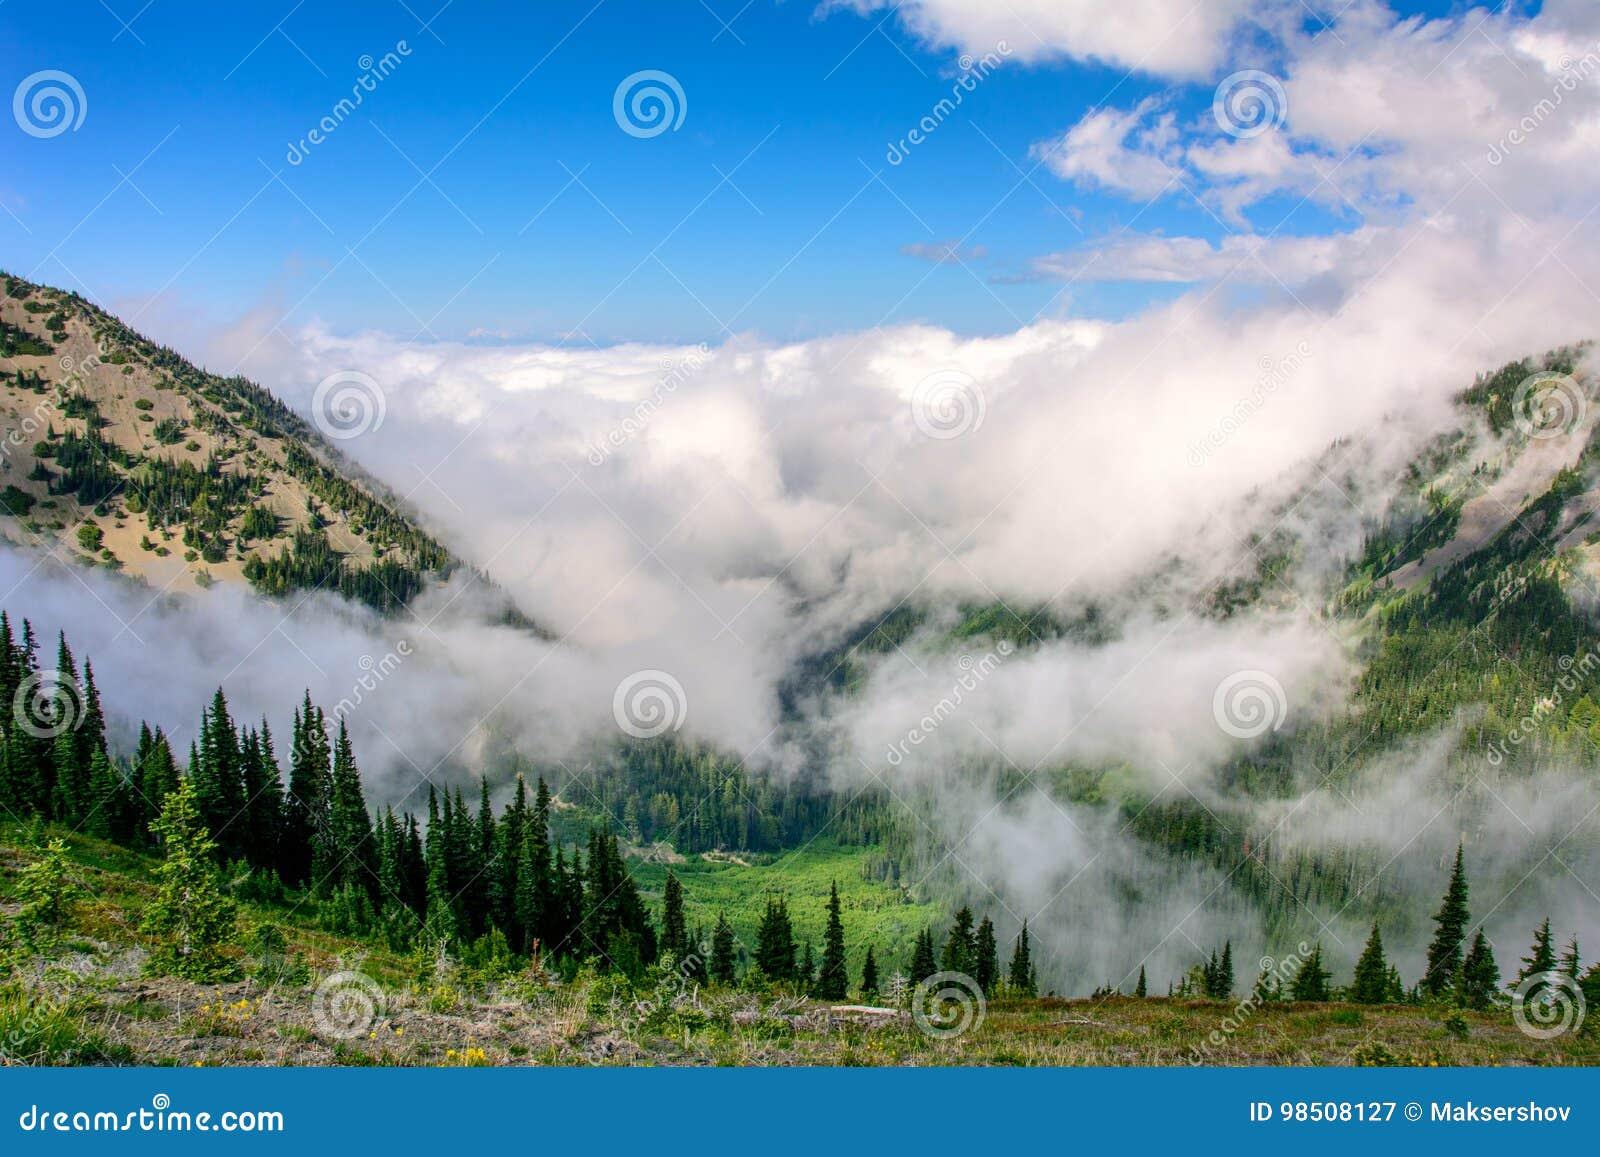 Huraganowa grań W górach Olimpijski park narodowy, stan washington